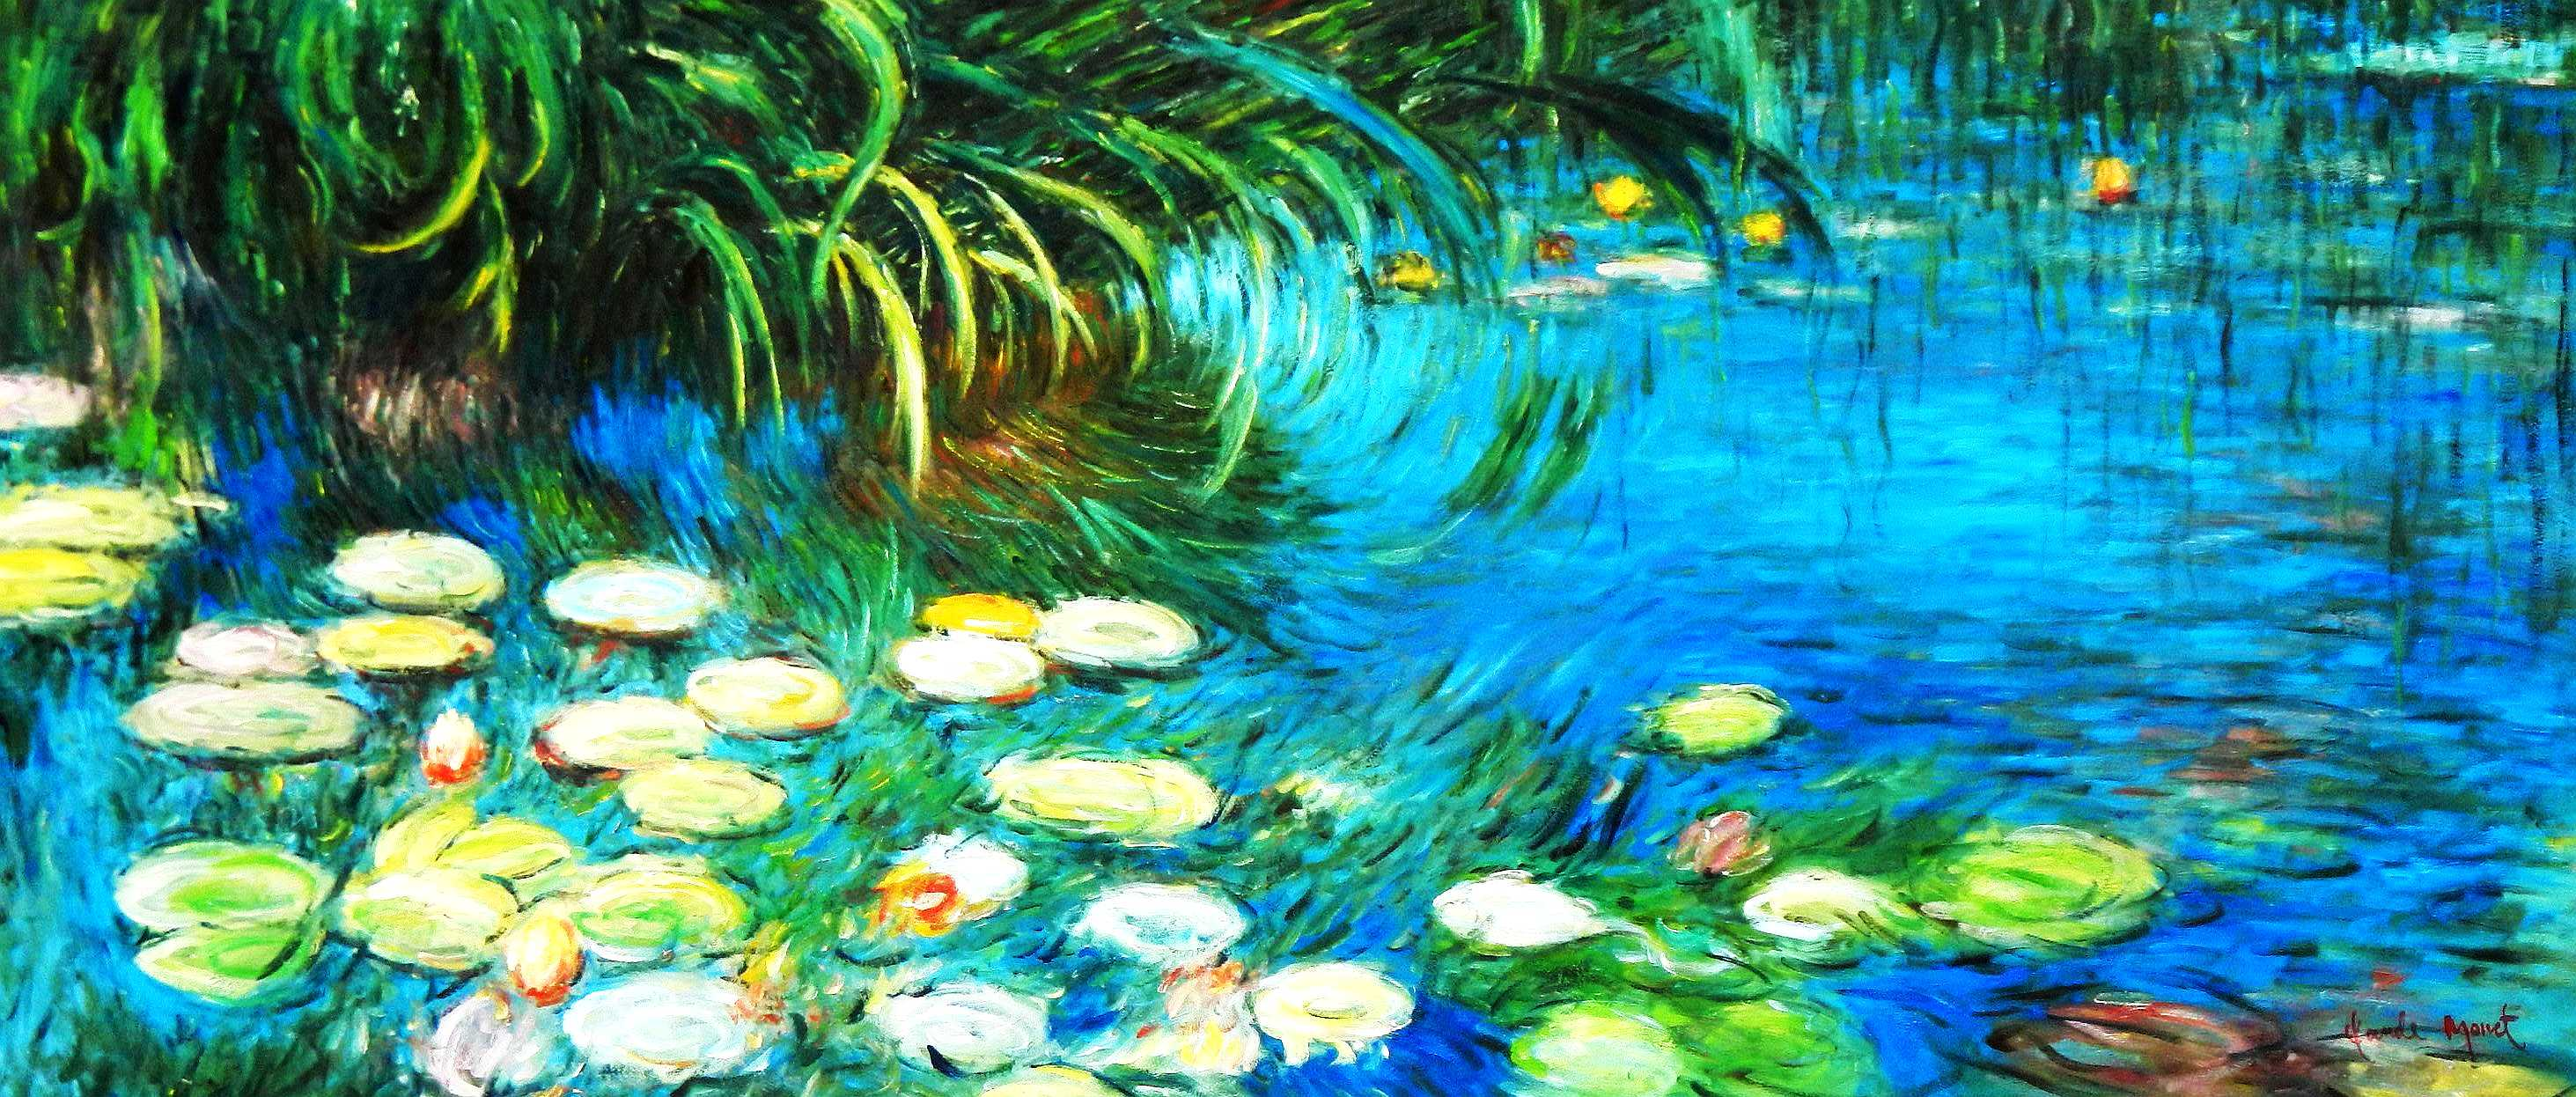 Claude Monet - Seerosen und Schilf t95043 75x180cm Ölgemälde handgemalt